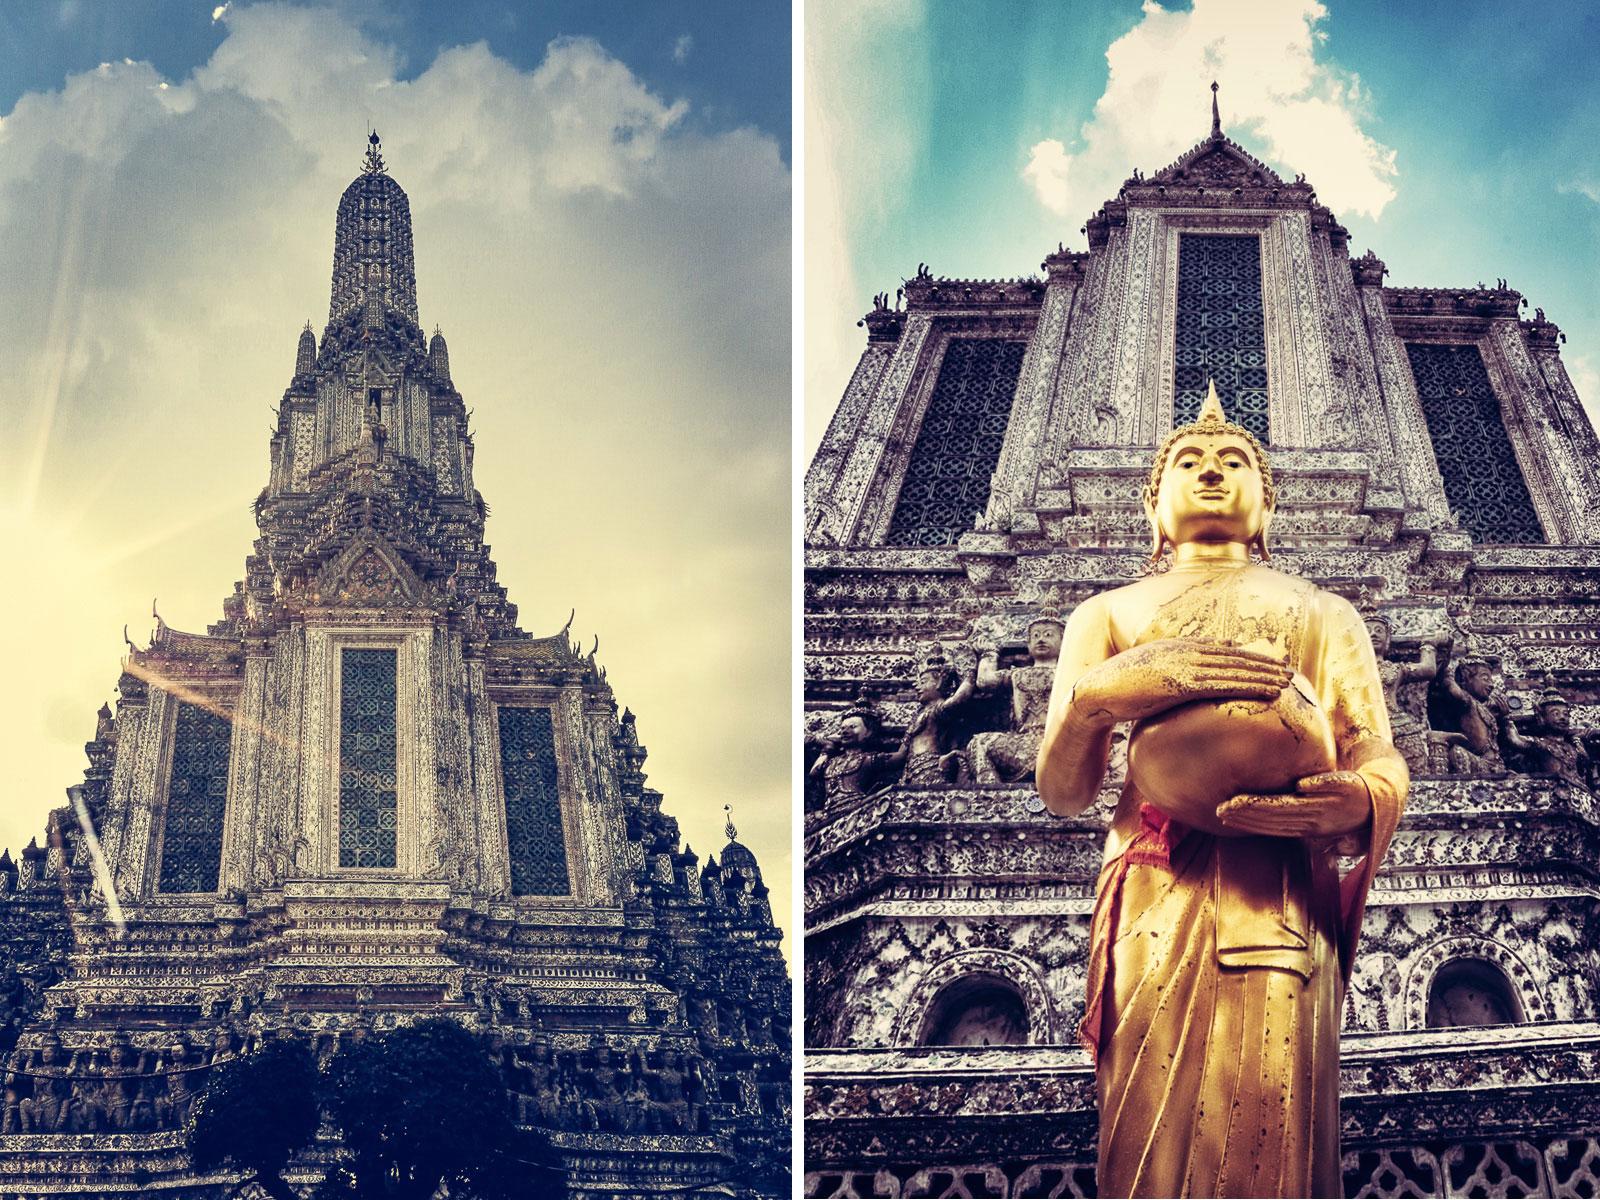 Ein absolut beeindruckendes Bauwerk: der Wat Arun in Bangkok.